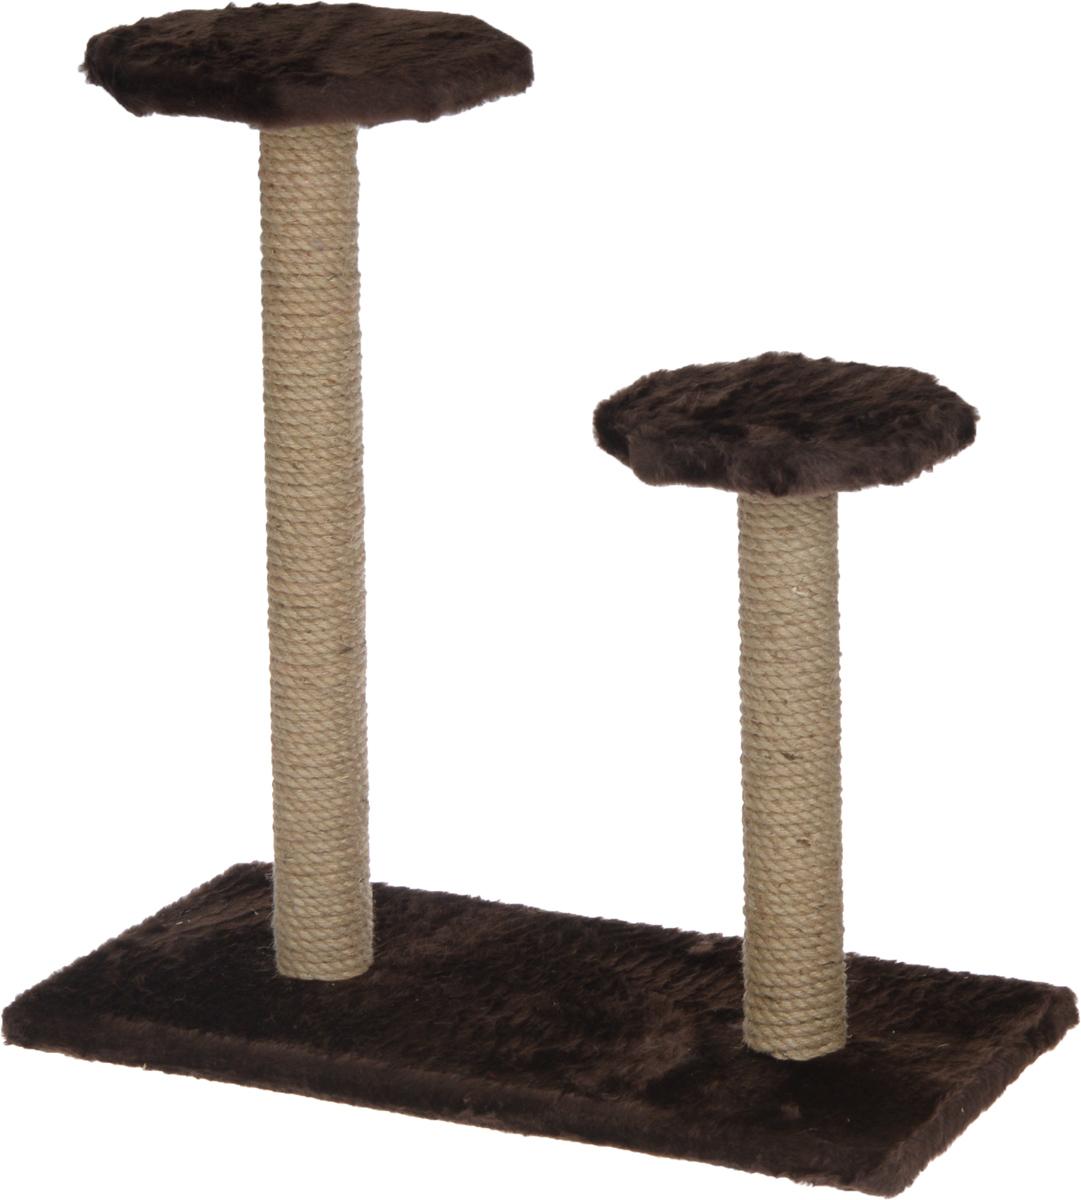 Когтеточка ЗооМарк, на подставке, с полками, цвет: темно-коричневый, 56 х 31 х 64 см0120710Когтеточка ЗооМарк поможет сохранить мебель и ковры в доме от когтей вашего любимца, стремящегося удовлетворить свою естественную потребность точить когти. Когтеточка изготовлена из дерева, искусственного меха и джута. Товар продуман в мельчайших деталях и, несомненно, понравится вашей кошке. Имеется две полки.Всем кошкам необходимо стачивать когти. Когтеточка - один из самых необходимых аксессуаров для кошки. Для приучения к когтеточке можно натереть ее сухой валерьянкой или кошачьей мятой. Когтеточка поможет вашему любимцу стачивать когти и при этом не портить вашу мебель.